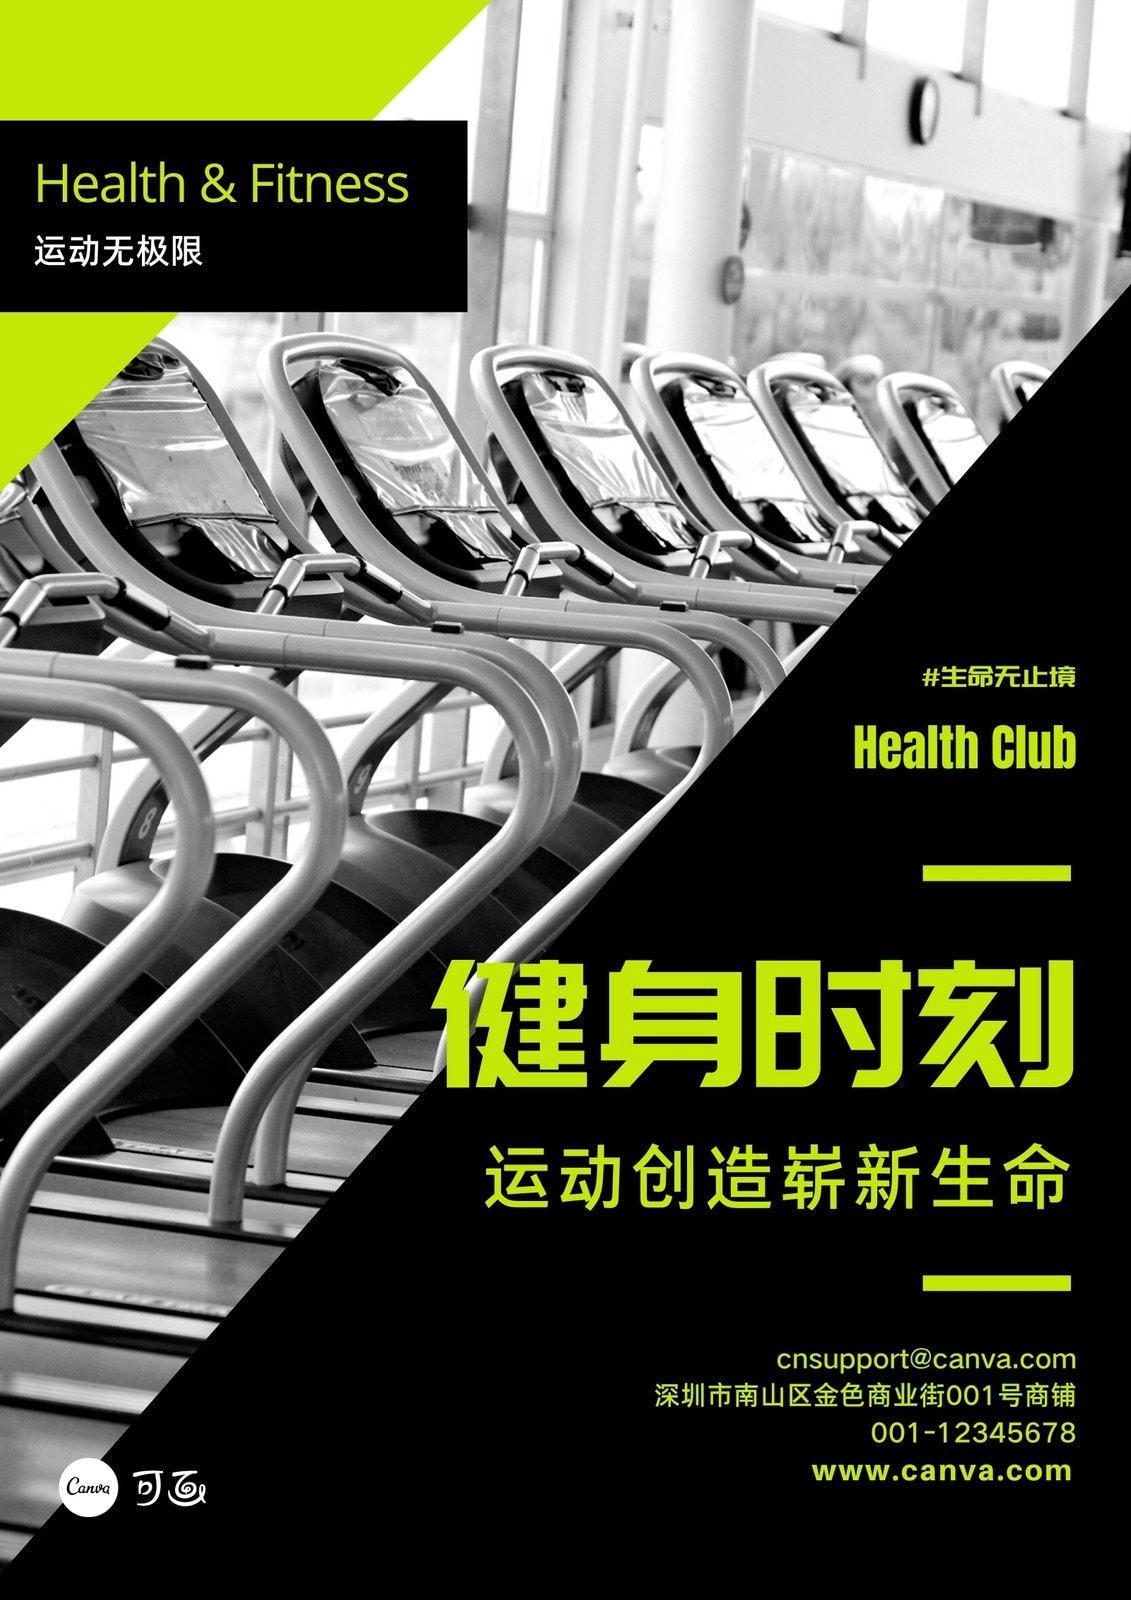 黑绿色运动器材健身房促销海报